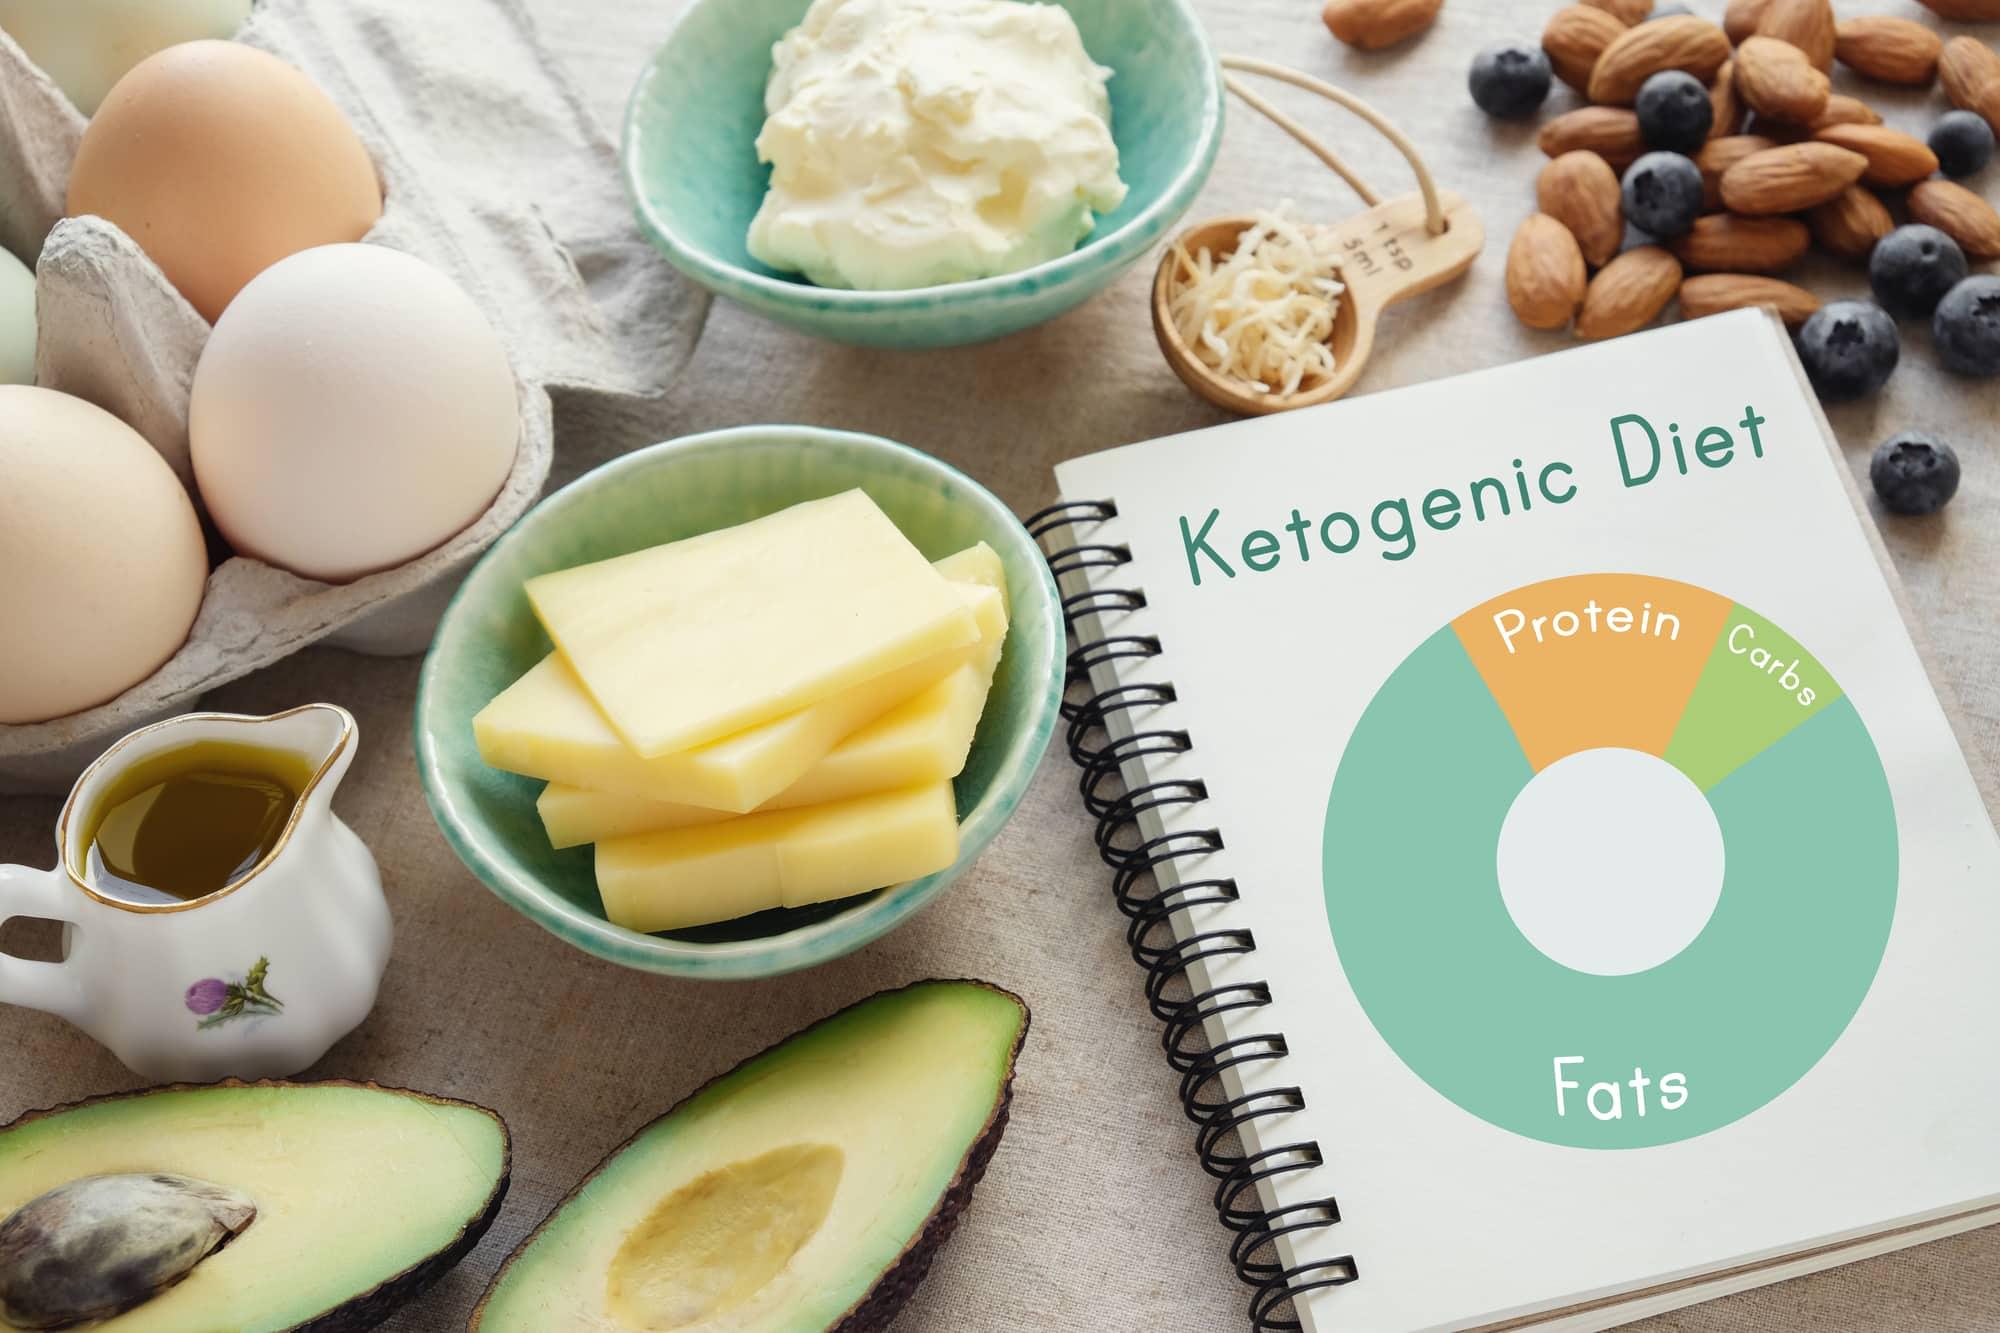 Vorteile der ketogenen Ernährung bei Krebspatienten